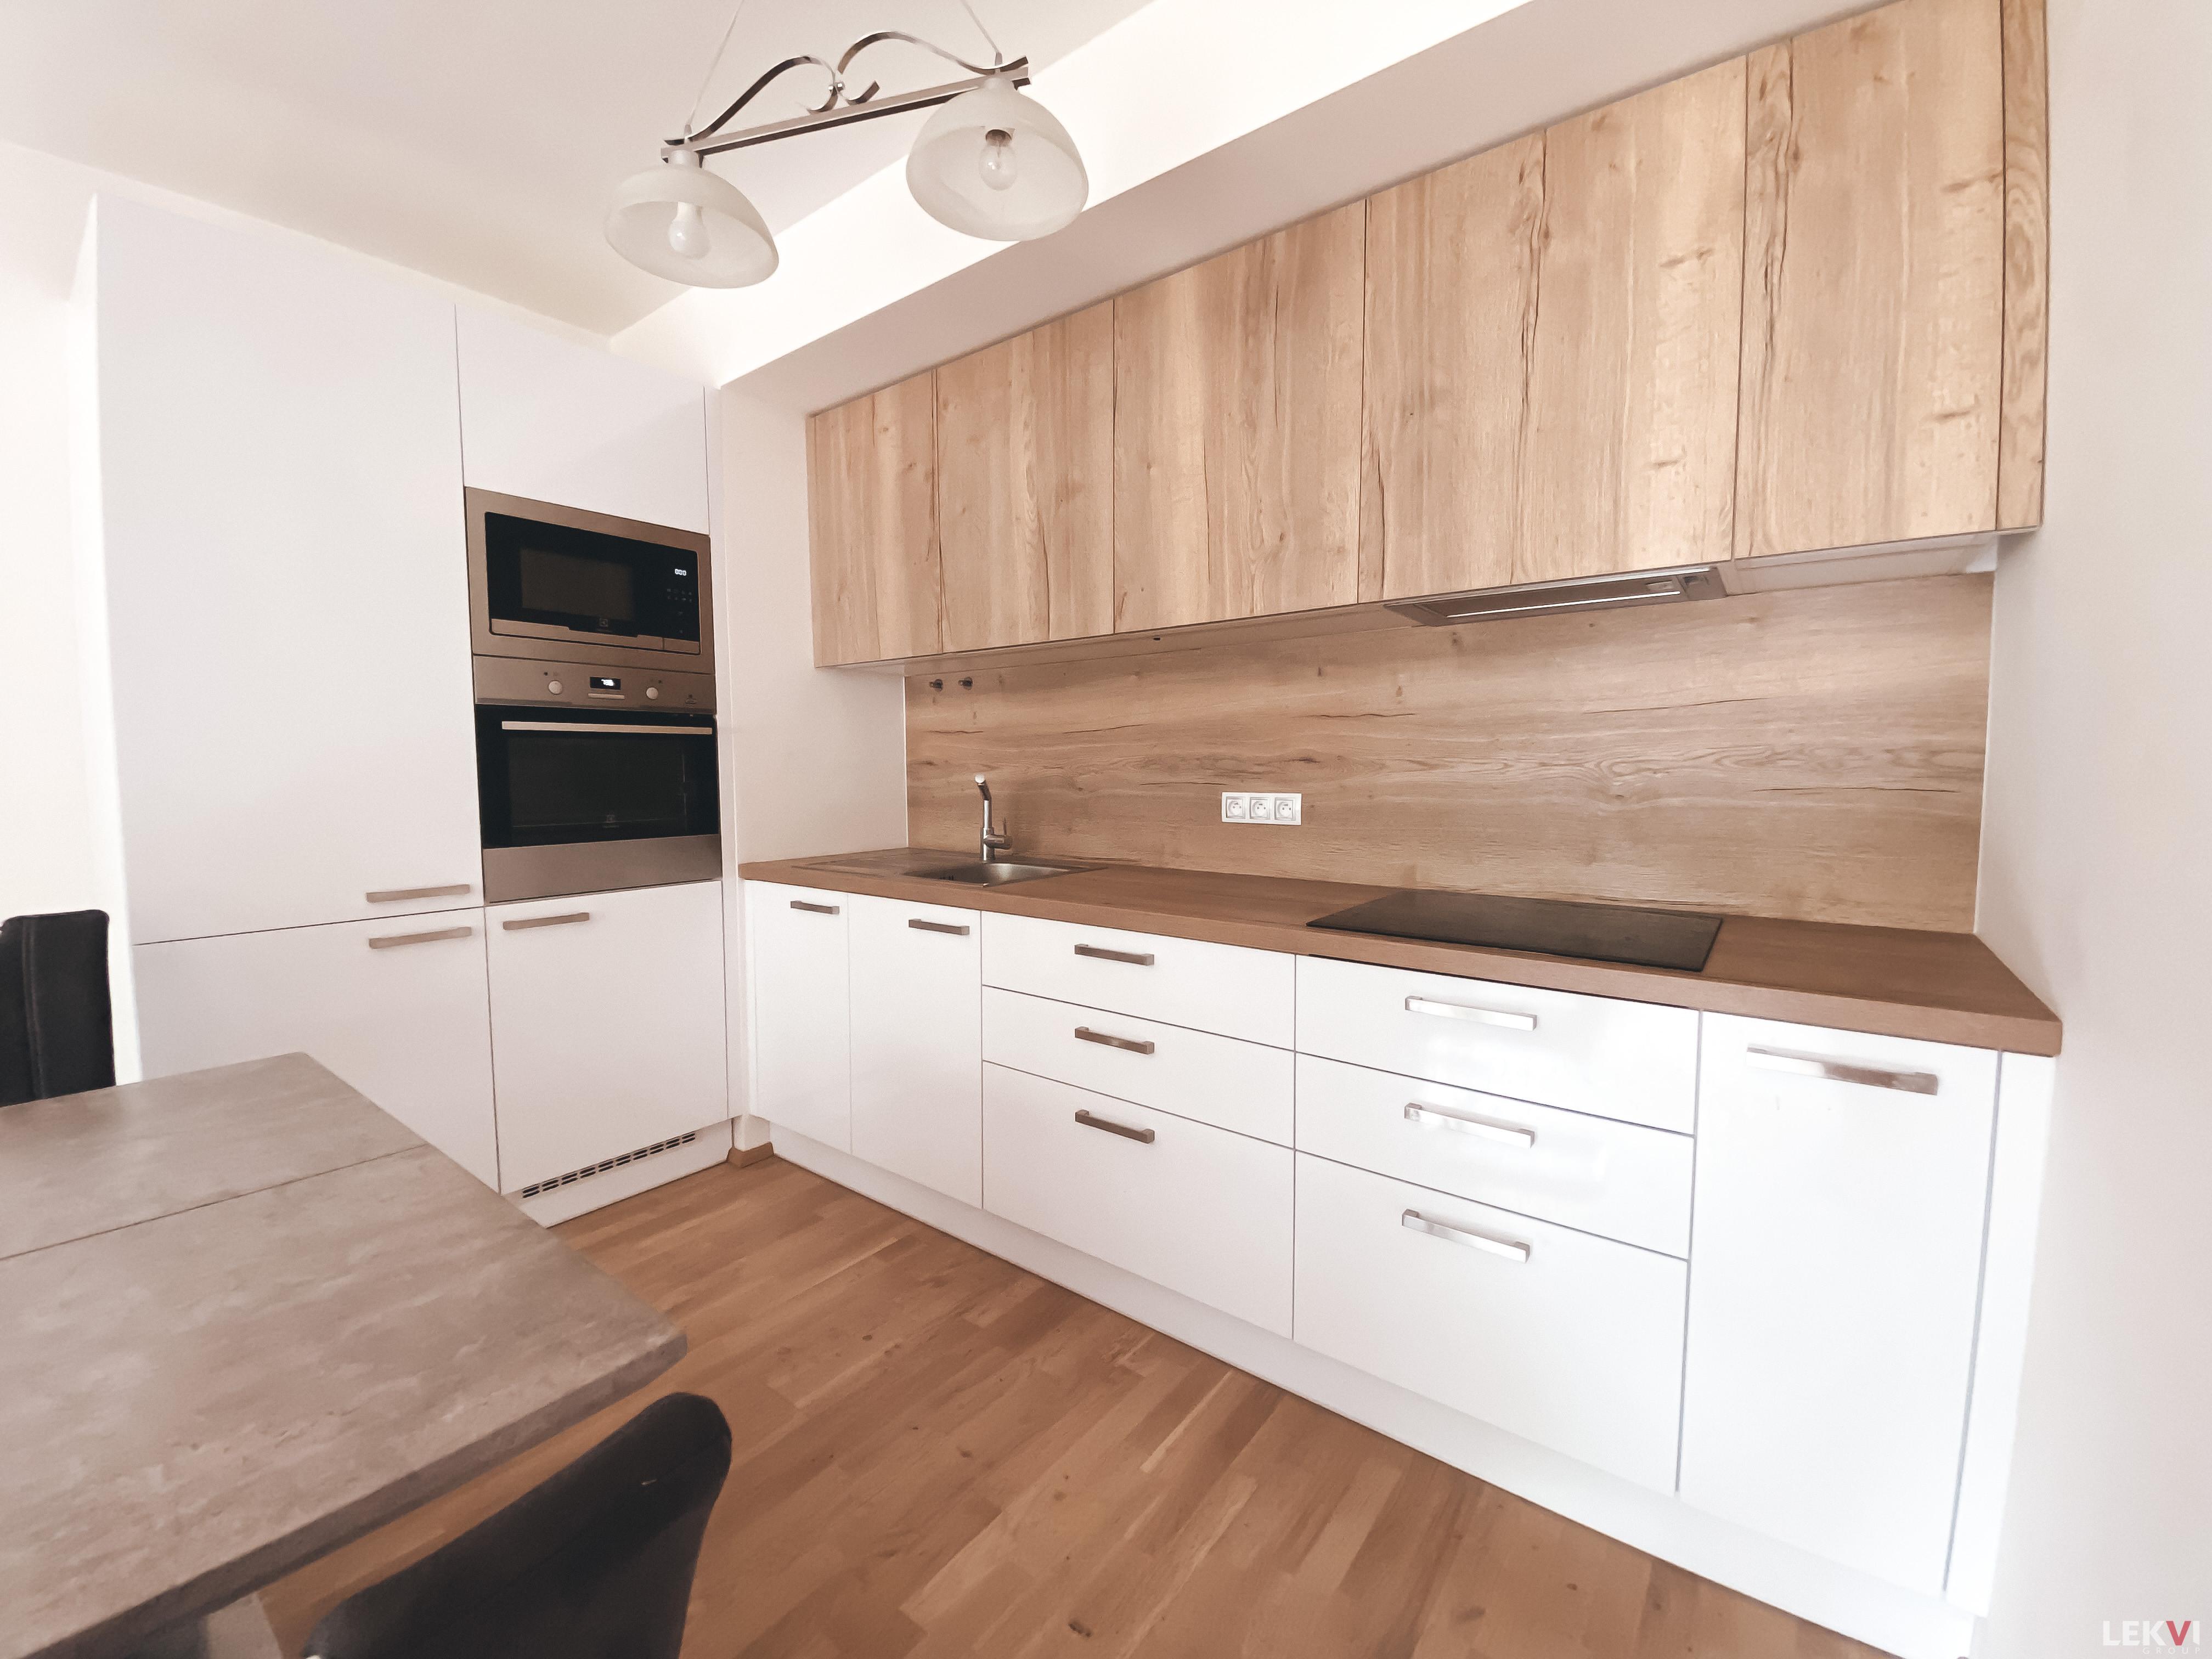 Pronájem bytu 2+kk, 49 m2 - Mozartova, Praha 5